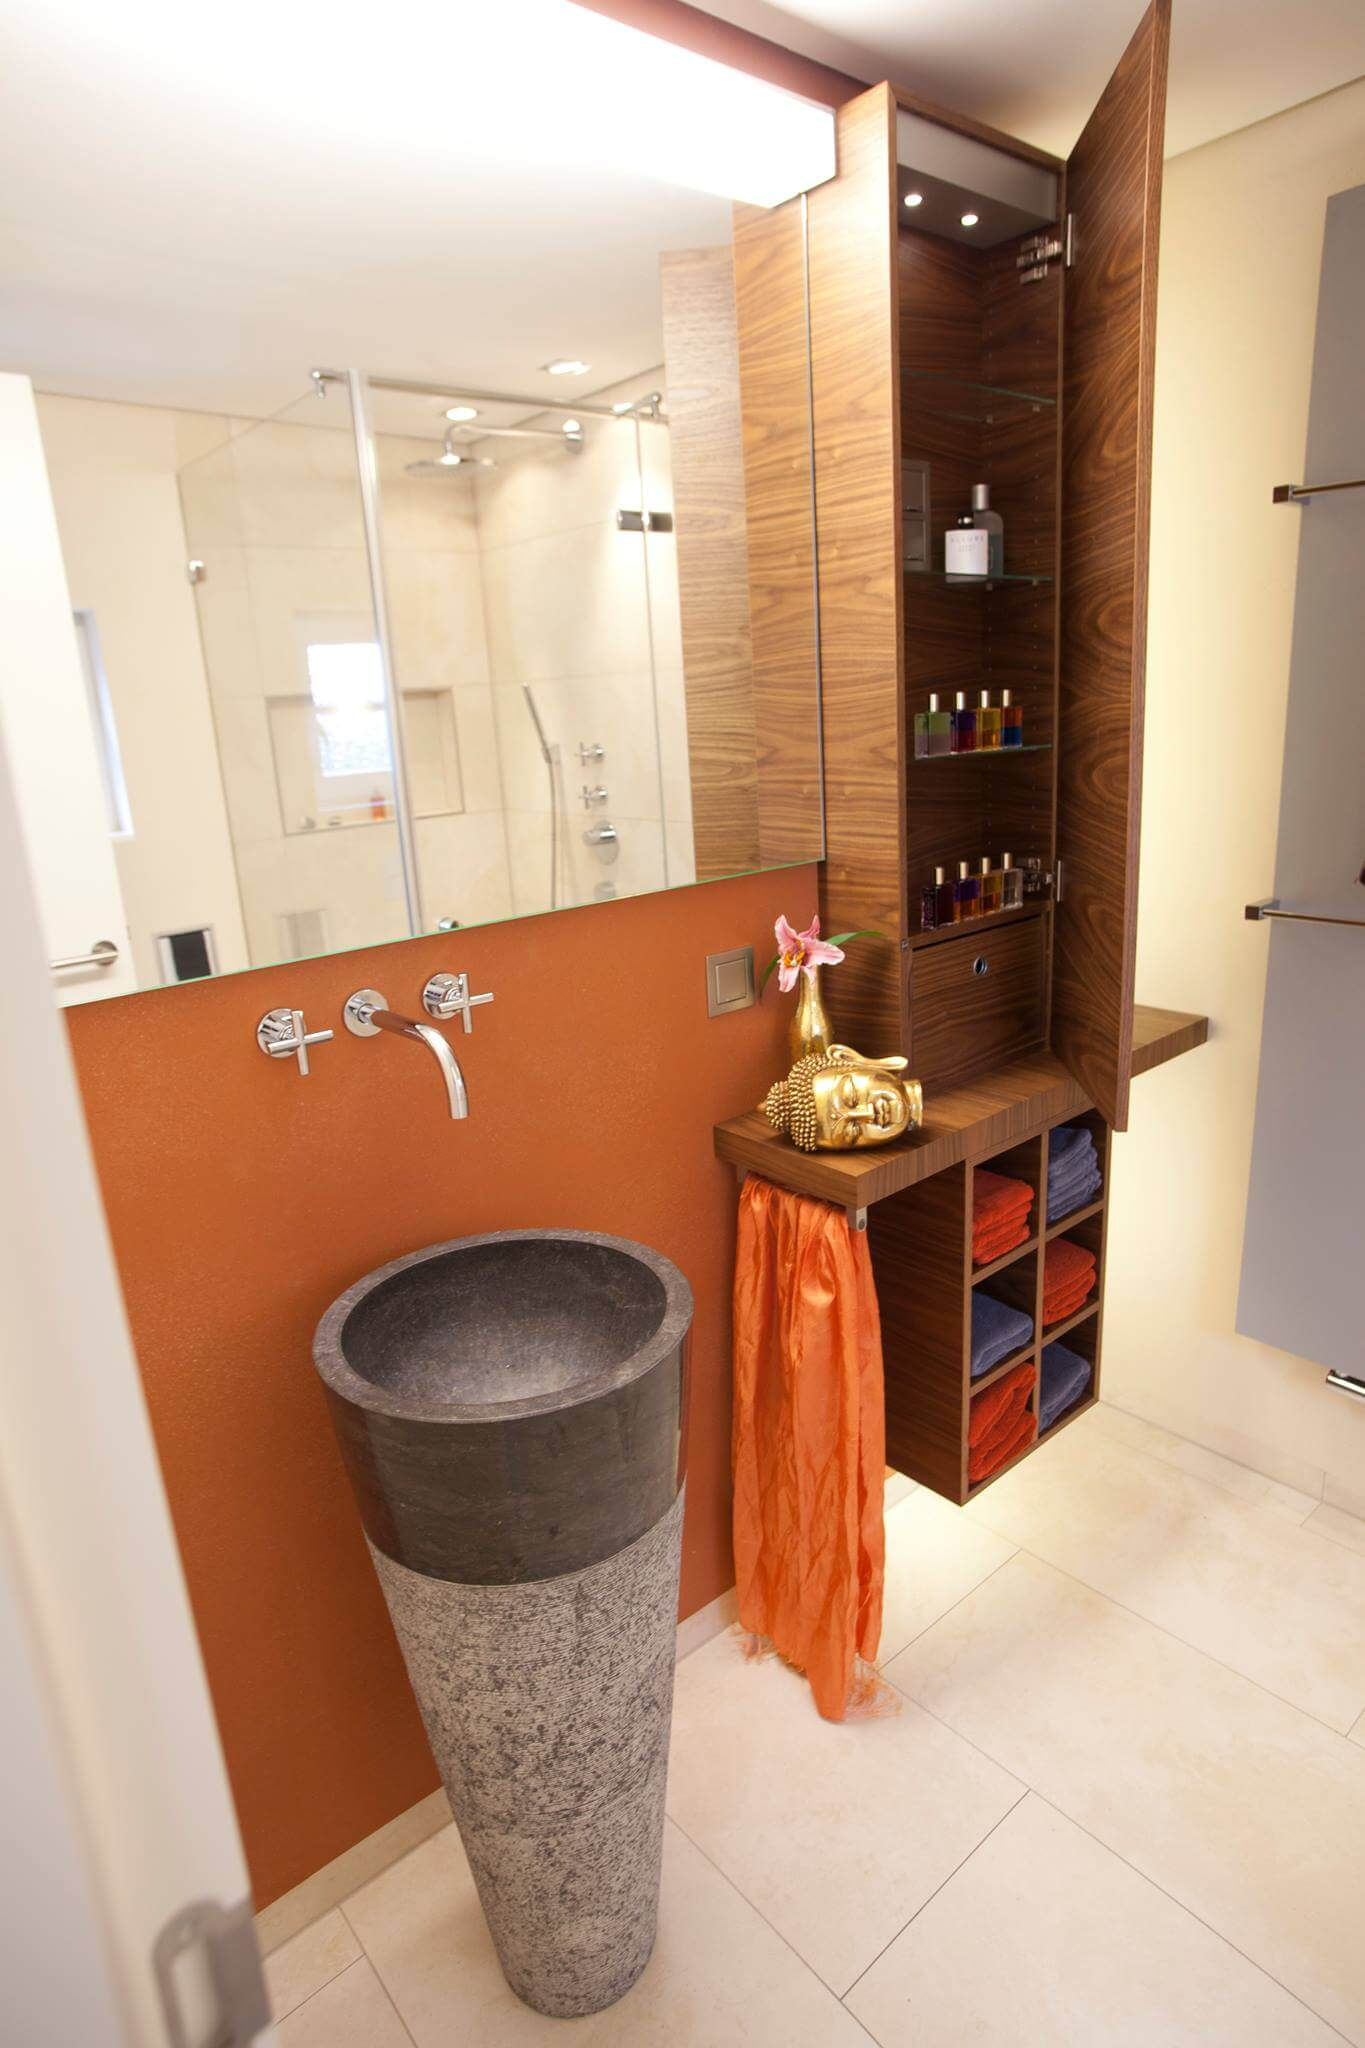 Waschtischsäule Naturstein,Handwaschbecken Stand,Waschbecken,torsten müller designer gästebad